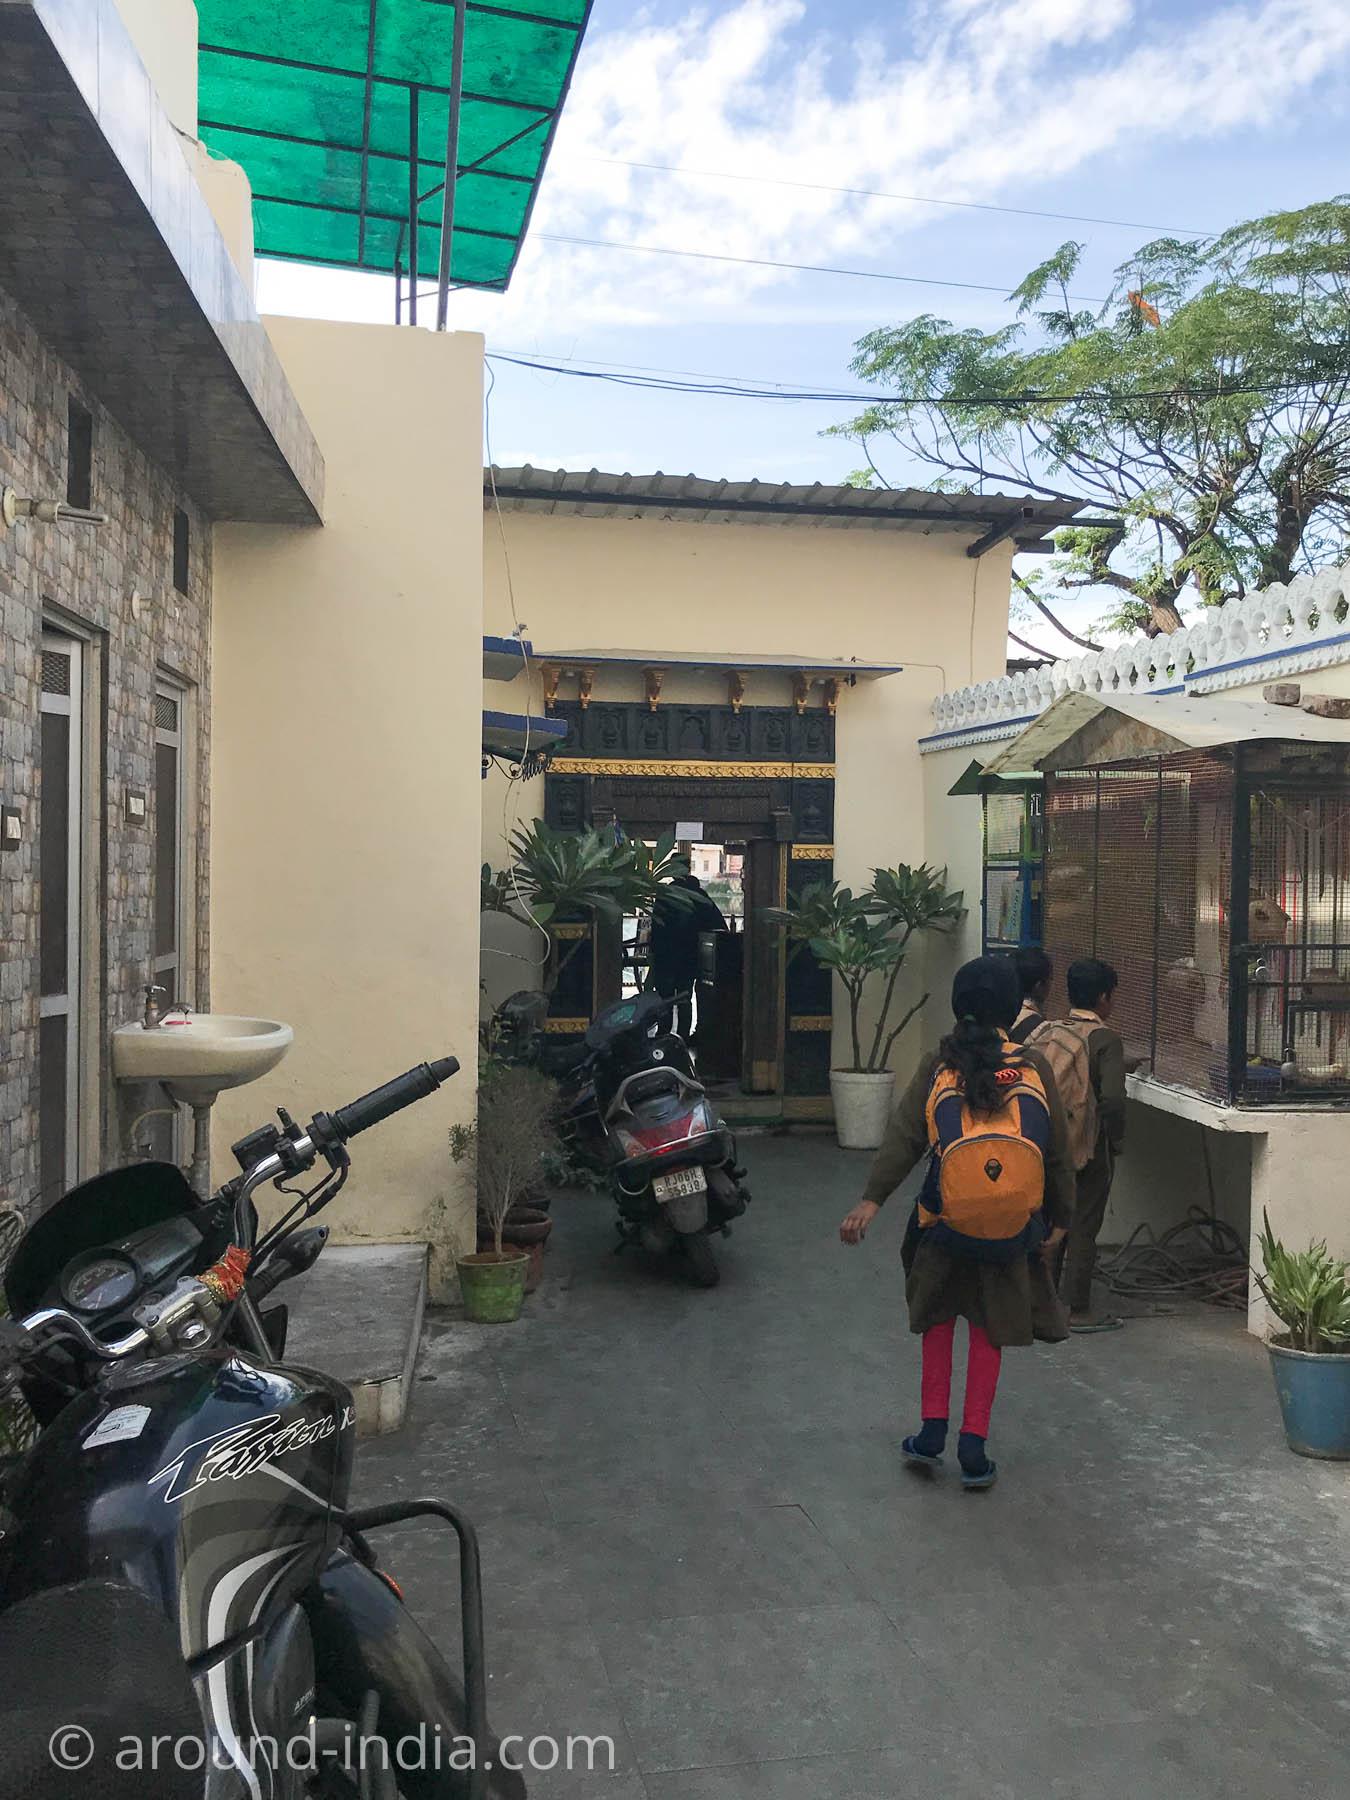 ウダイプルのノンベジレストランAl Rehmaniyaの入り口